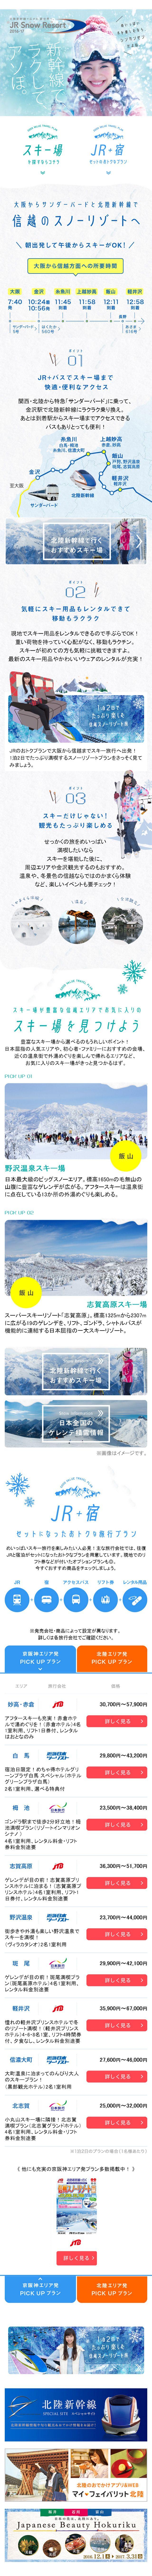 JRスノーリゾート2016-17 WINTER【サービス関連】のLPデザイン。WEBデザイナーさん必見!スマホランディングページのデザイン参考に(かわいい系)